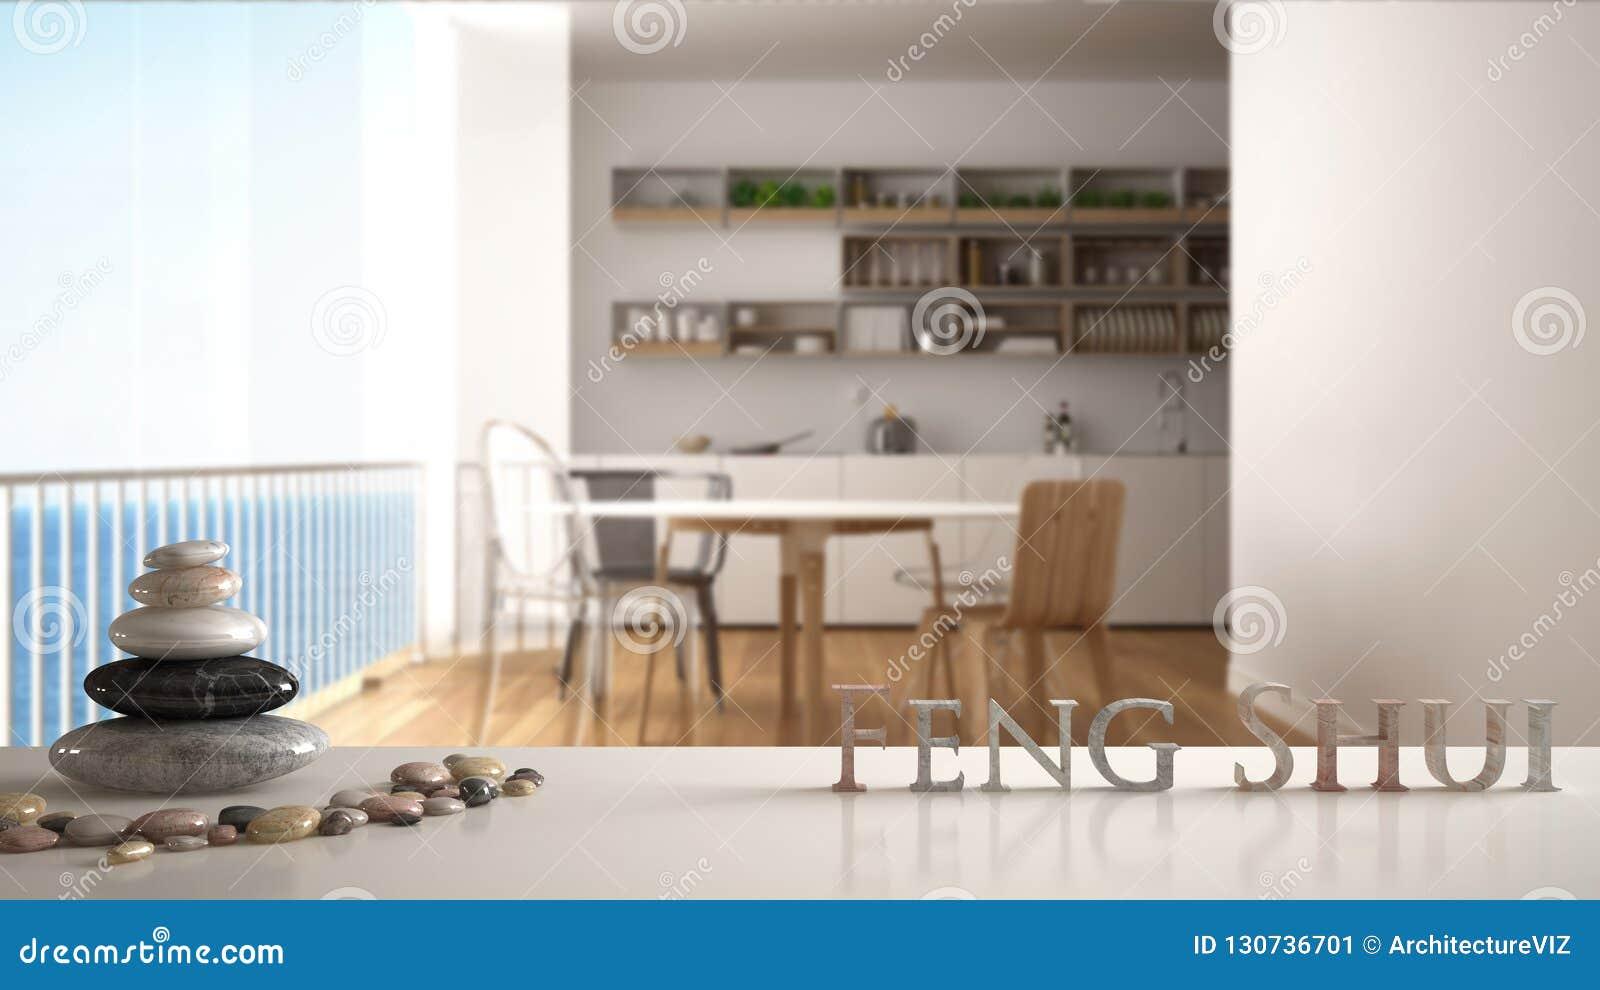 Grote Witte Eettafel.Witte Lijstplank Met Kiezelsteensaldo En 3d Brieven Die